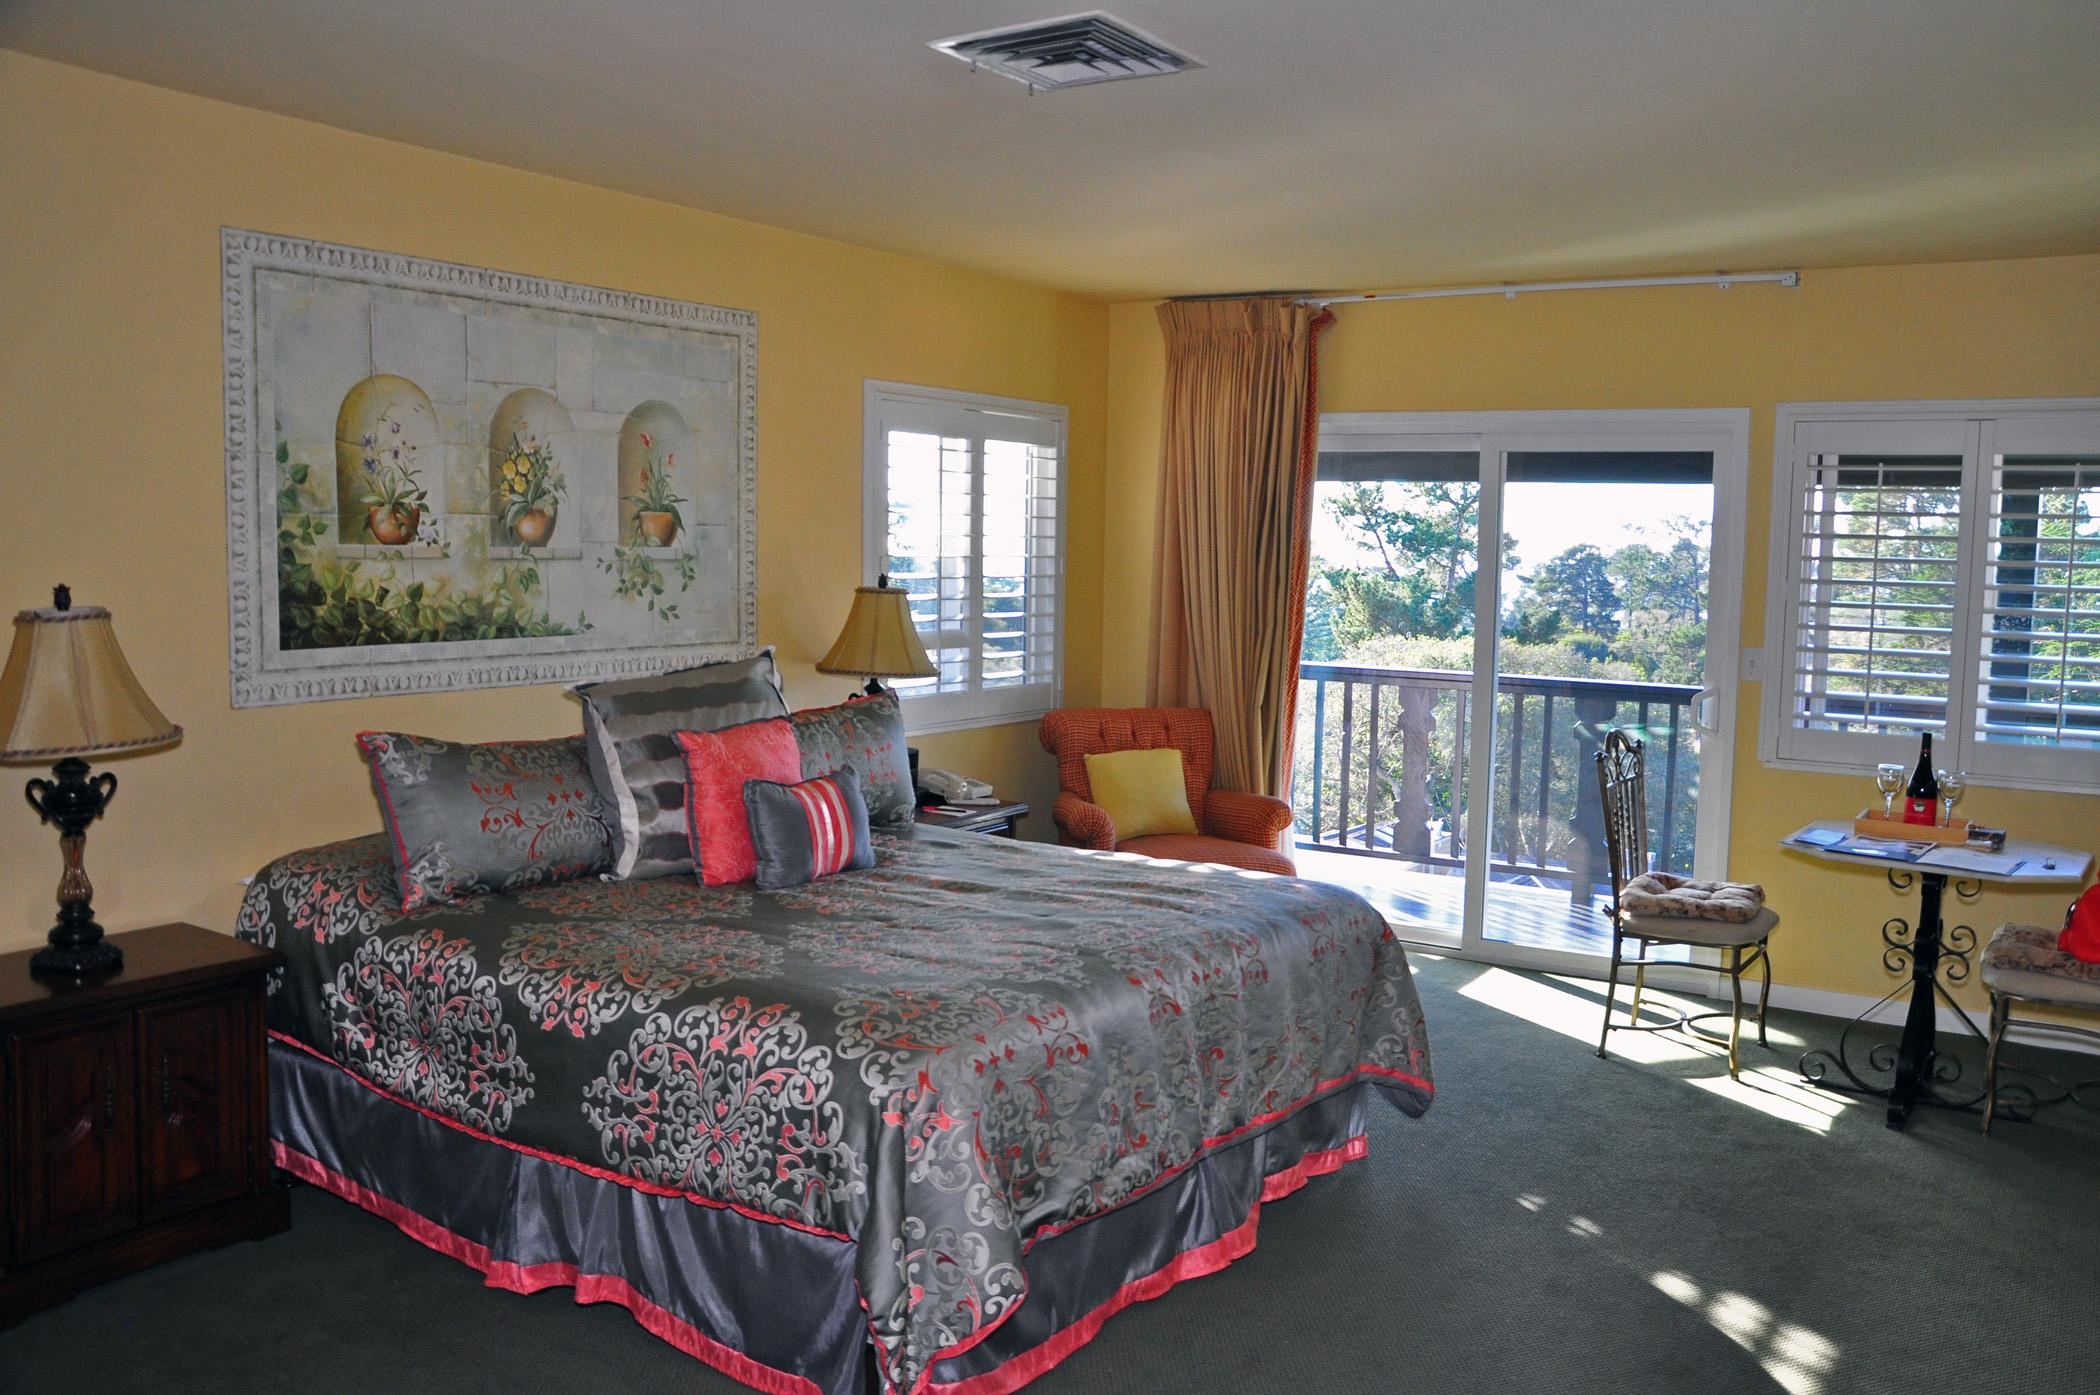 2. Hofsas House bed